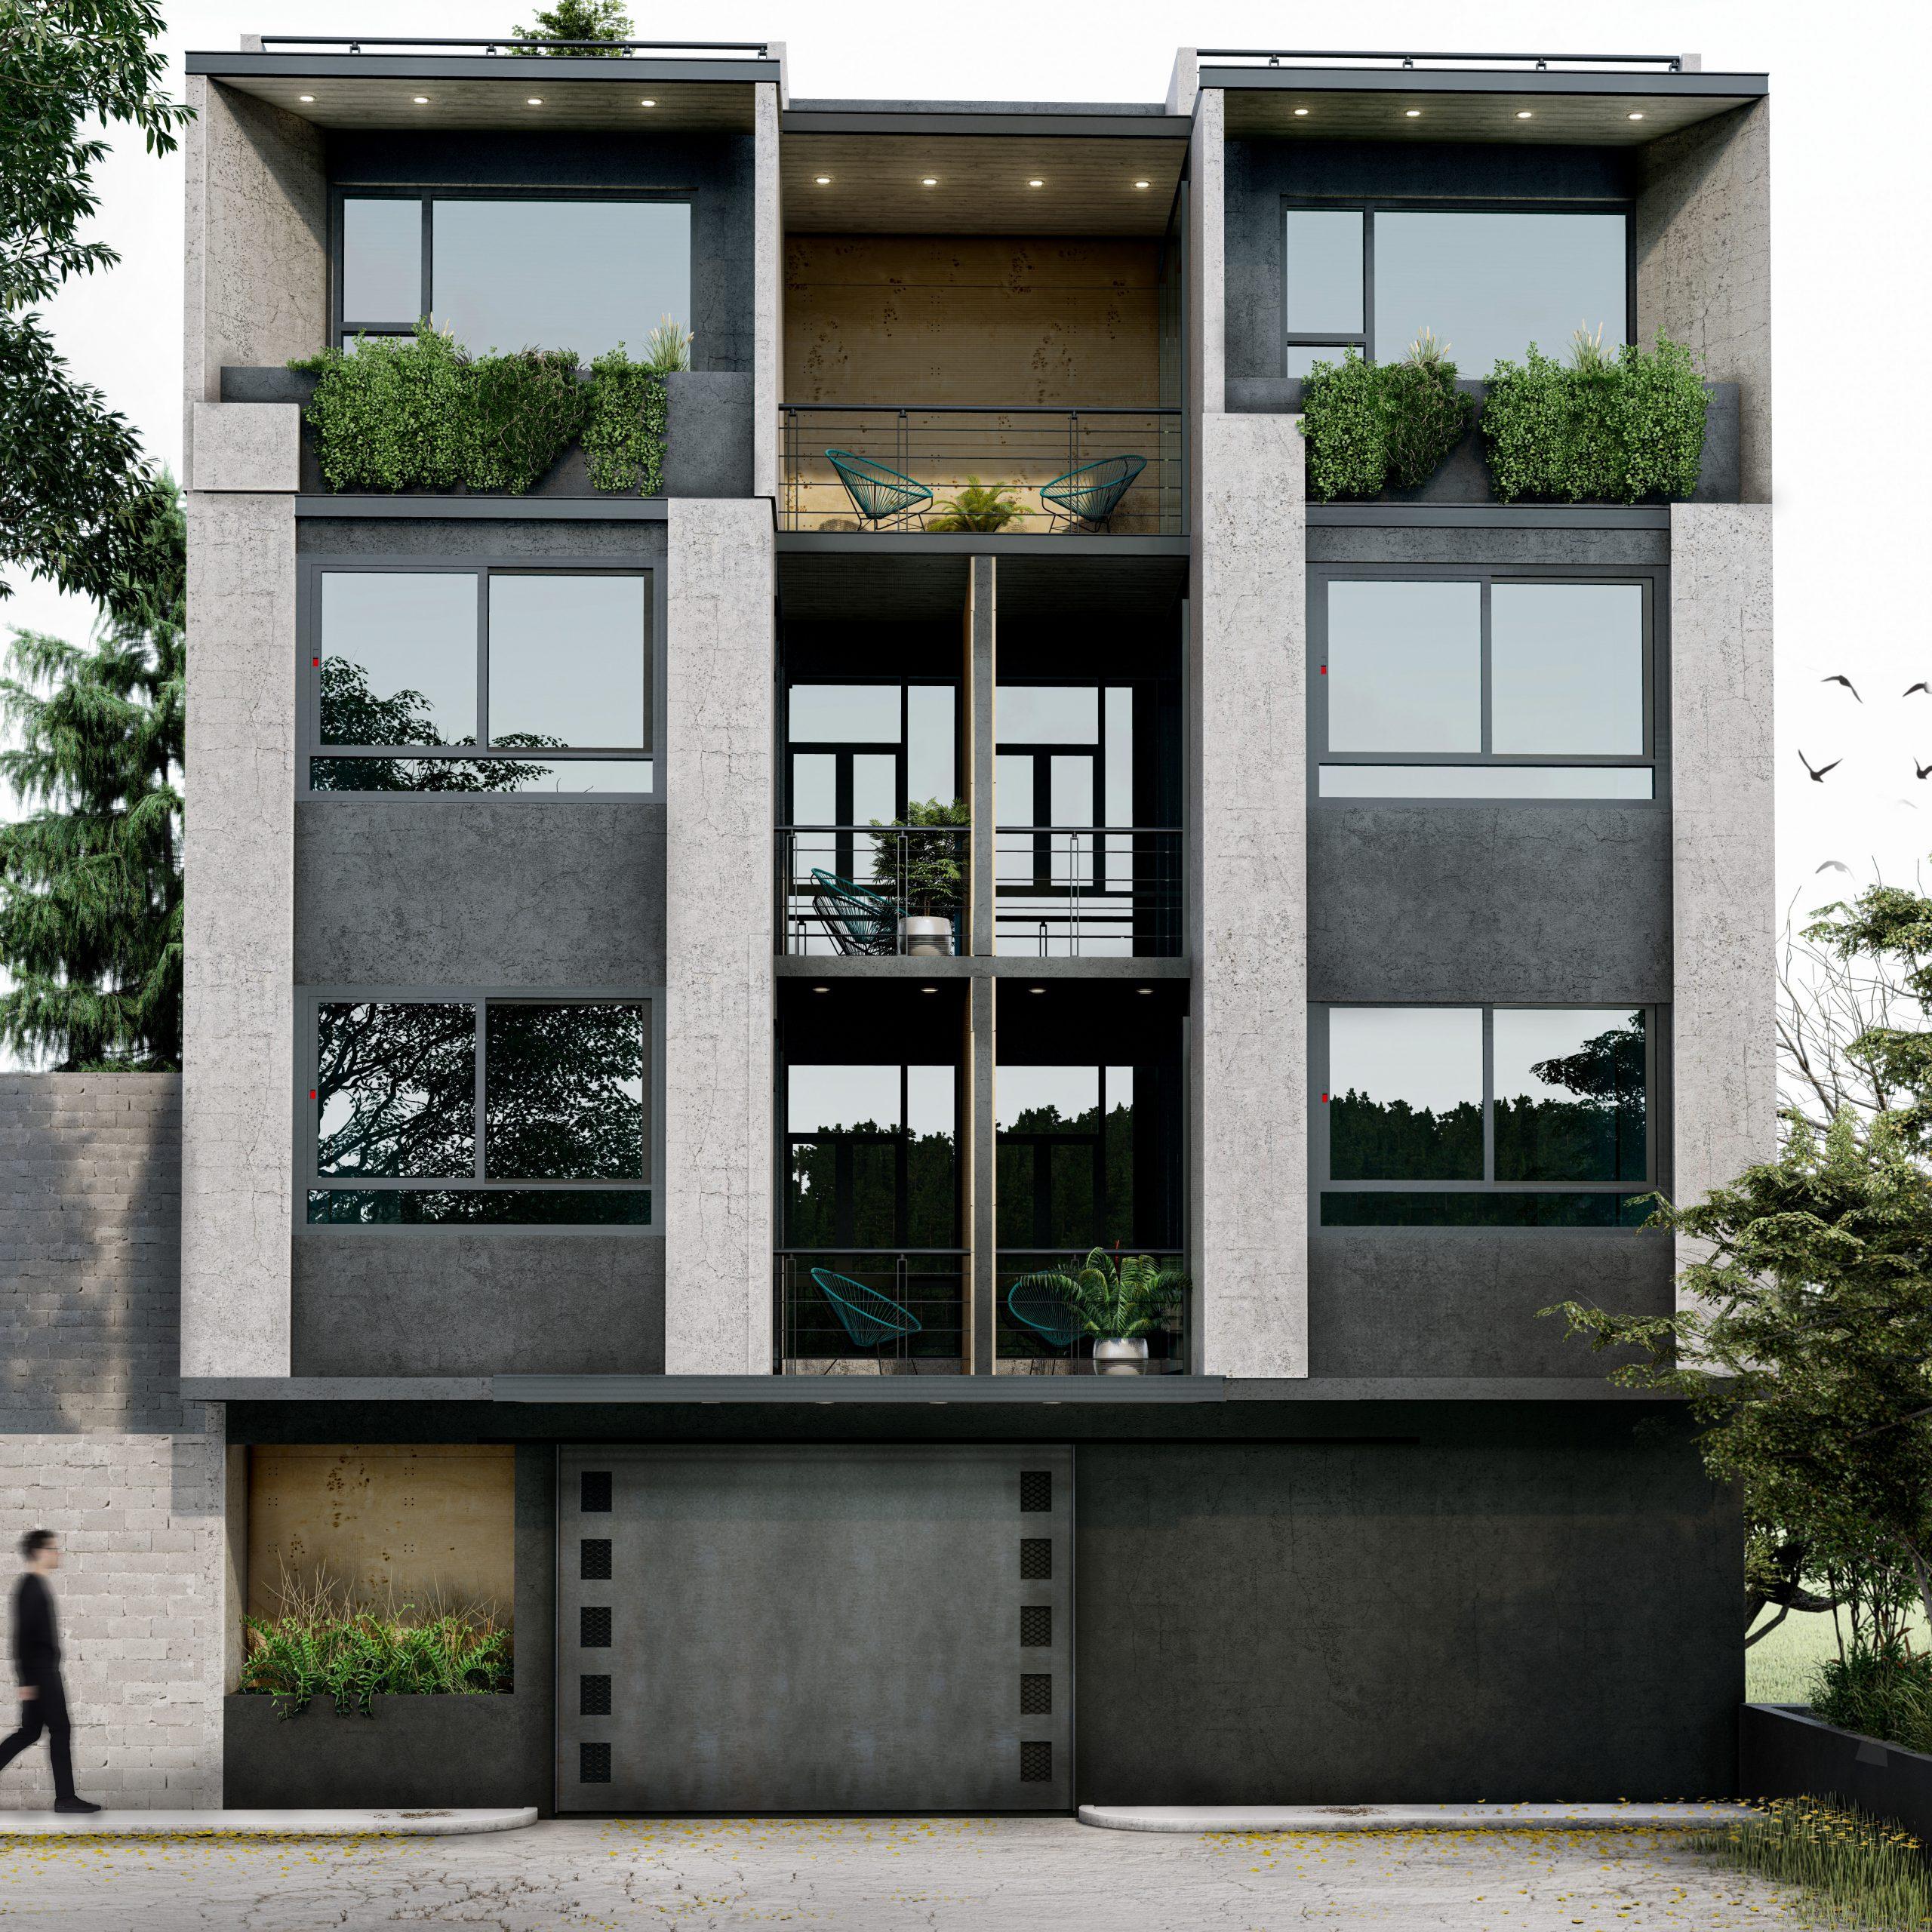 Proyecto arquitectónico edificio Campos Elíseos 53